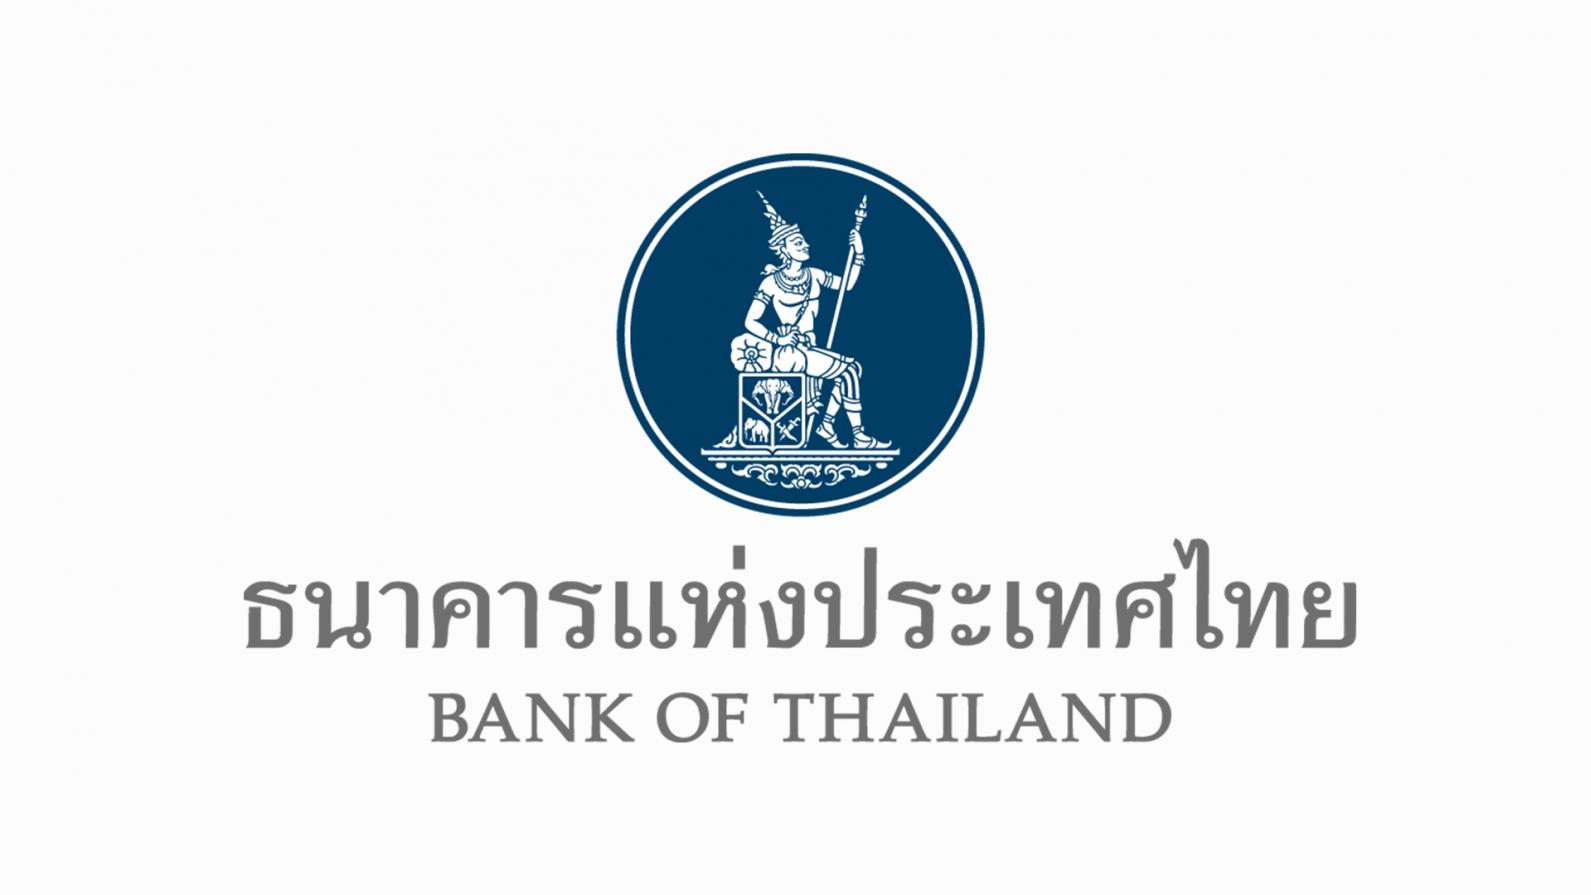 ธนาคารแห่งประเทศไทย วันหยุดชดเชย